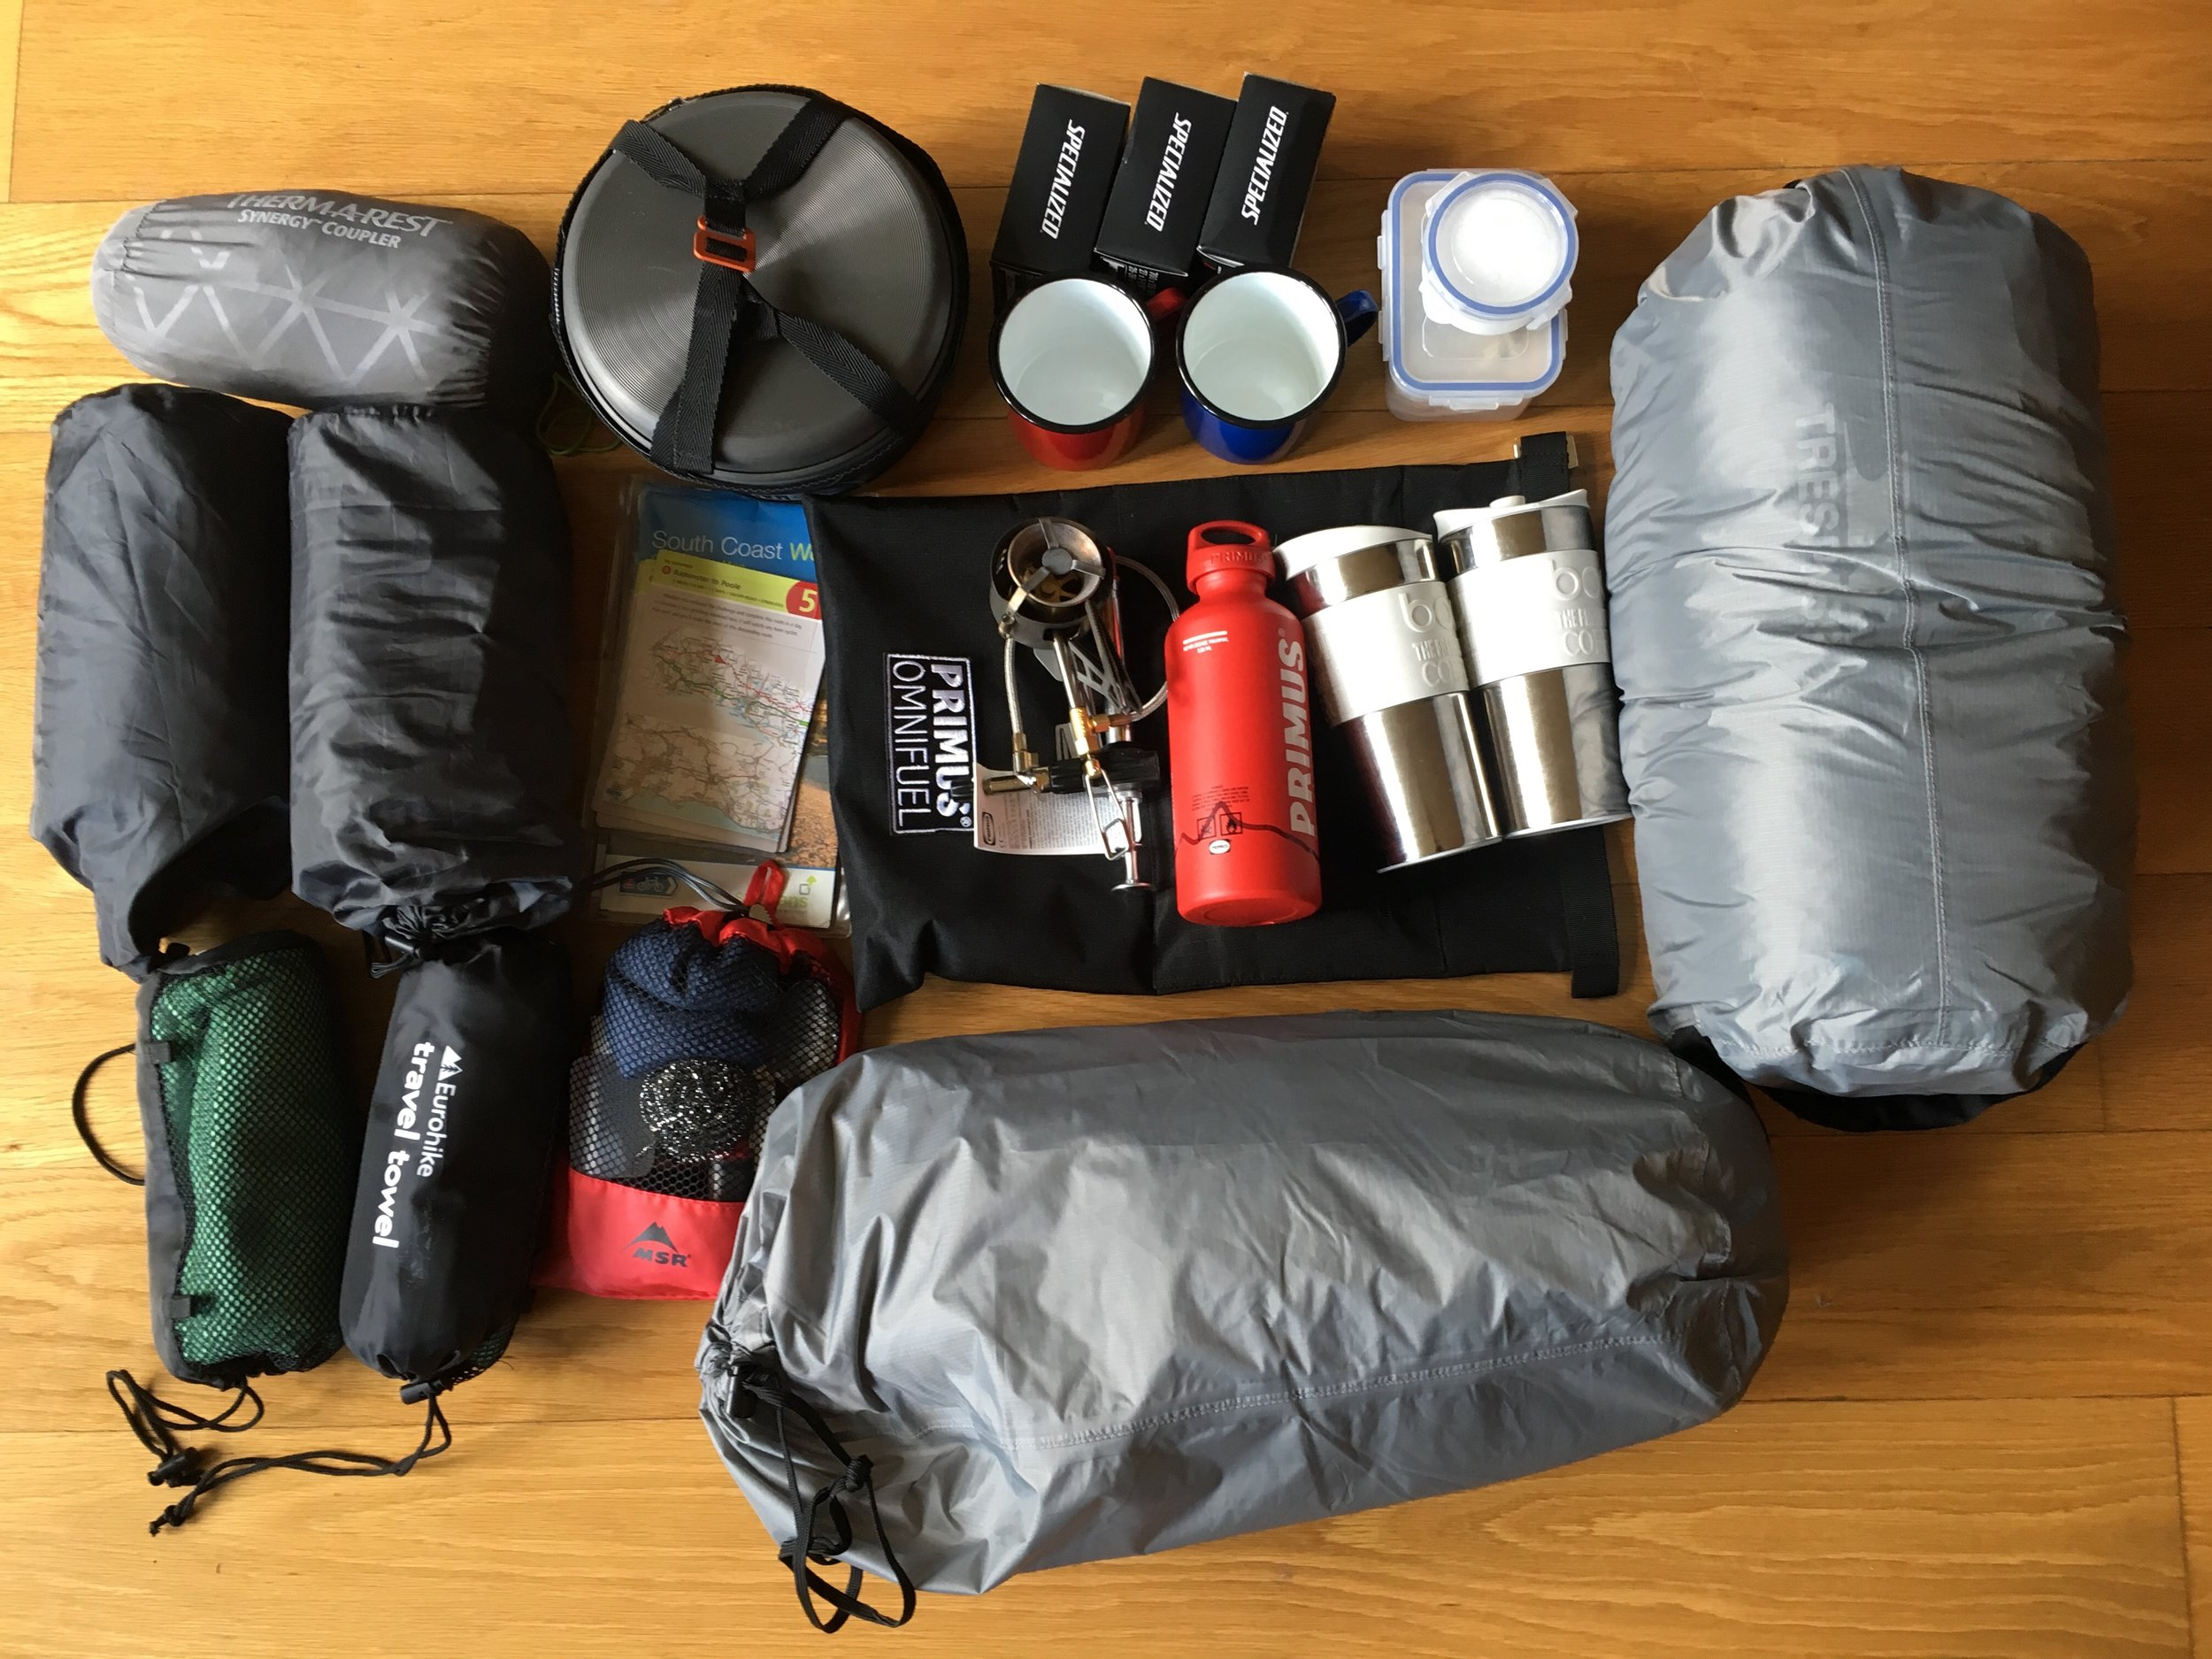 Super duper camping kit